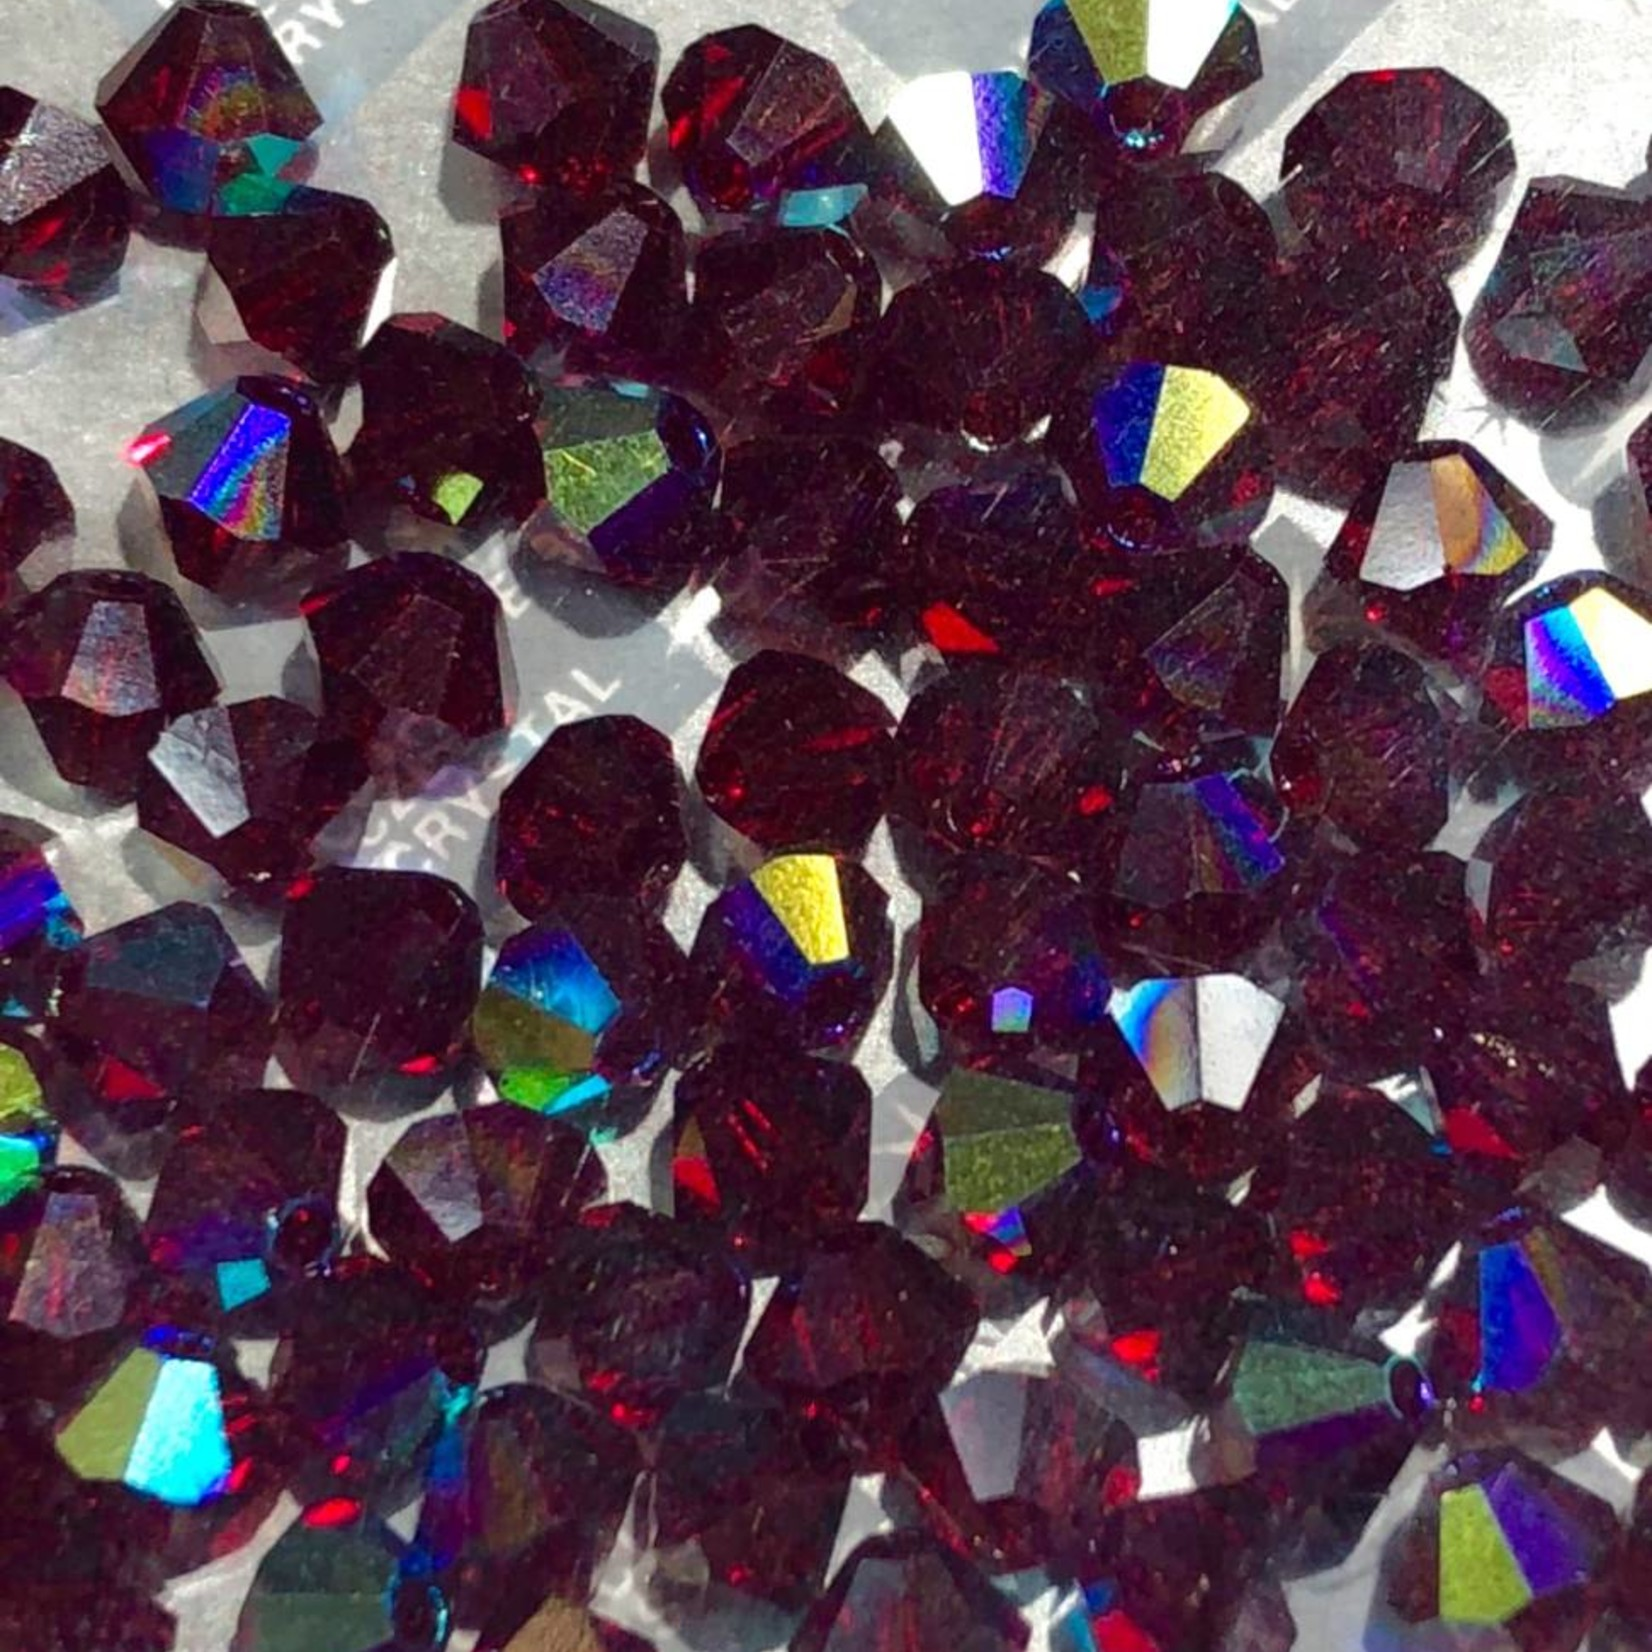 Preciosa Crystal 4mm Bicone Siam AB 144pcs